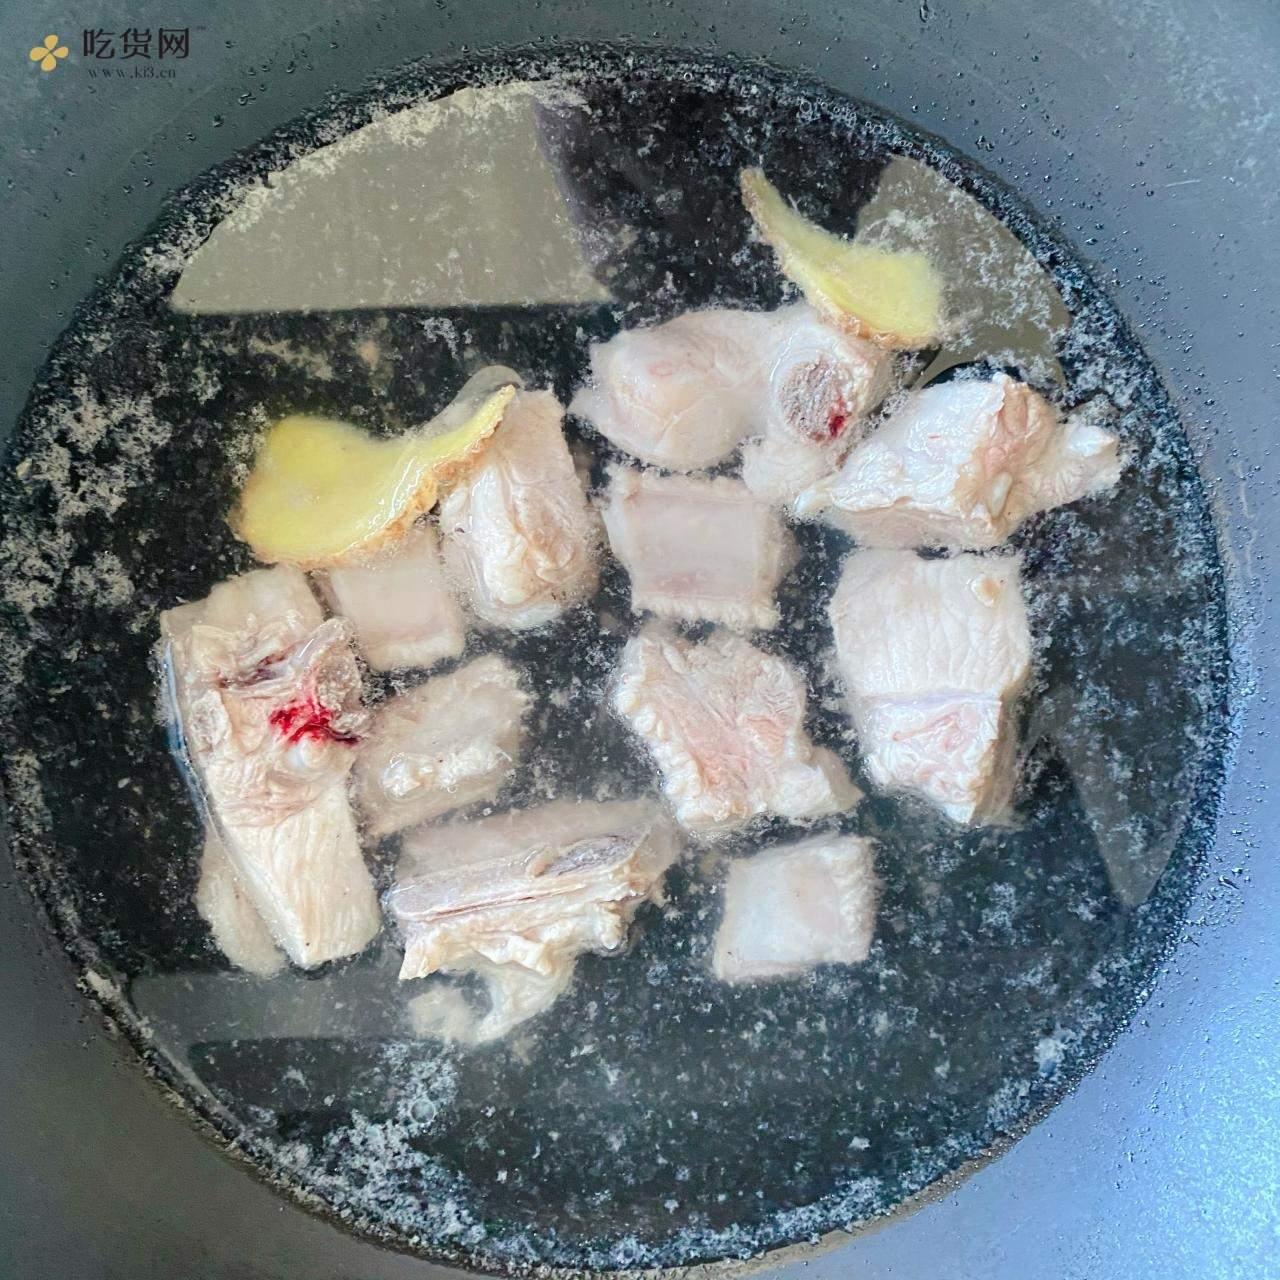 红烧排骨炖土豆🥔的做法 步骤2